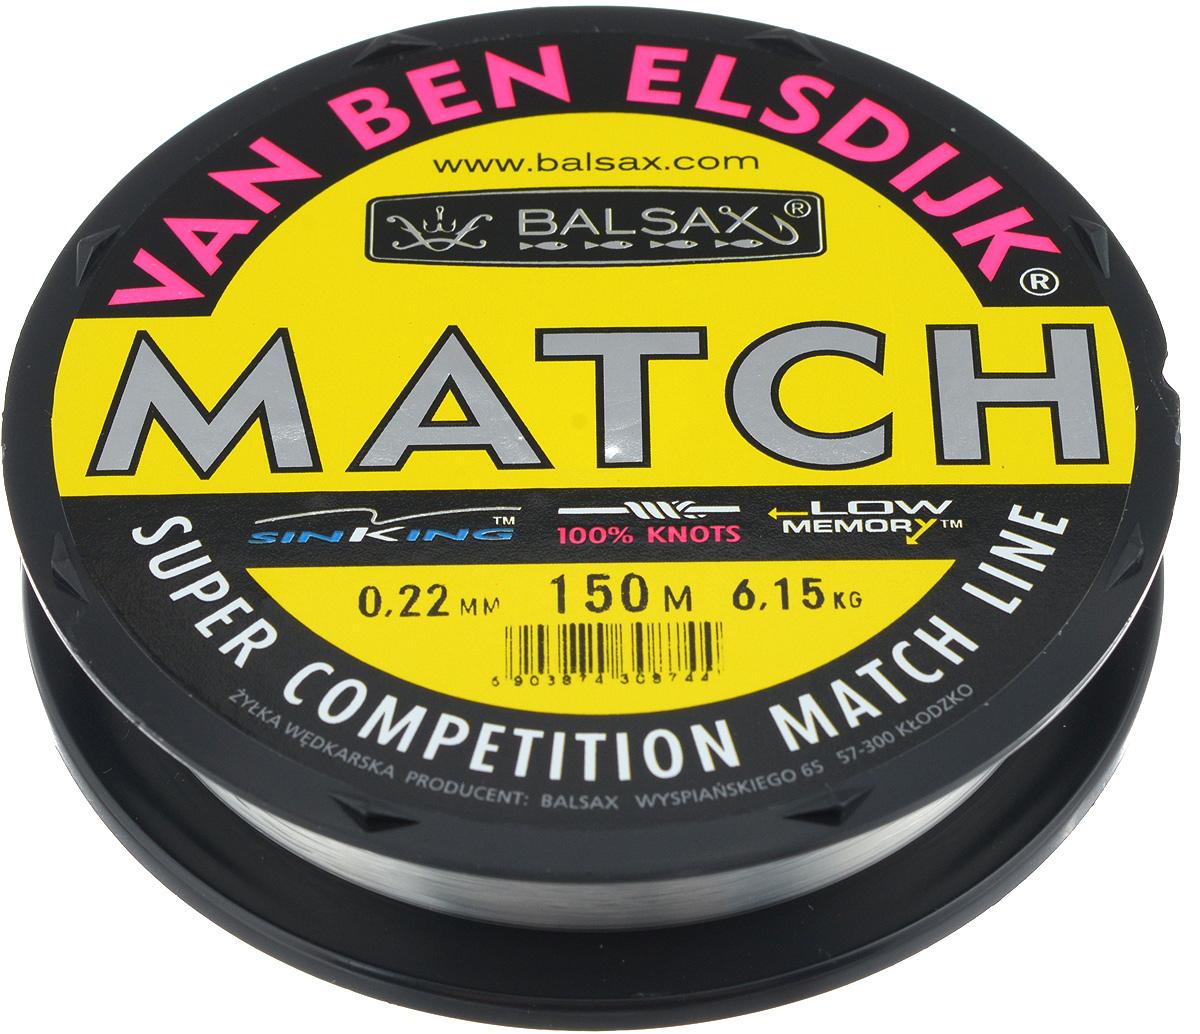 Леска Balsax Match VBE, 150 м, 0,22 мм, 6,15 кг010-01199-23Опытным спортсменам, участвующим в соревнованиях, нужна надежная леска, в которой можно быть уверенным в любой ситуации. Леска Balsax Match VBE отличается замечательной прочностью на узле и высокой сопротивляемостью к истиранию. Она была проверена на склонность к остаточным деформациям, чтобы убедиться в том, что она обладает наиболее подходящей растяжимостью, отвечая самым строгим требованиям рыболовов. Такая леска отлично подходит как для спортивного, так и для любительского рыболовства.